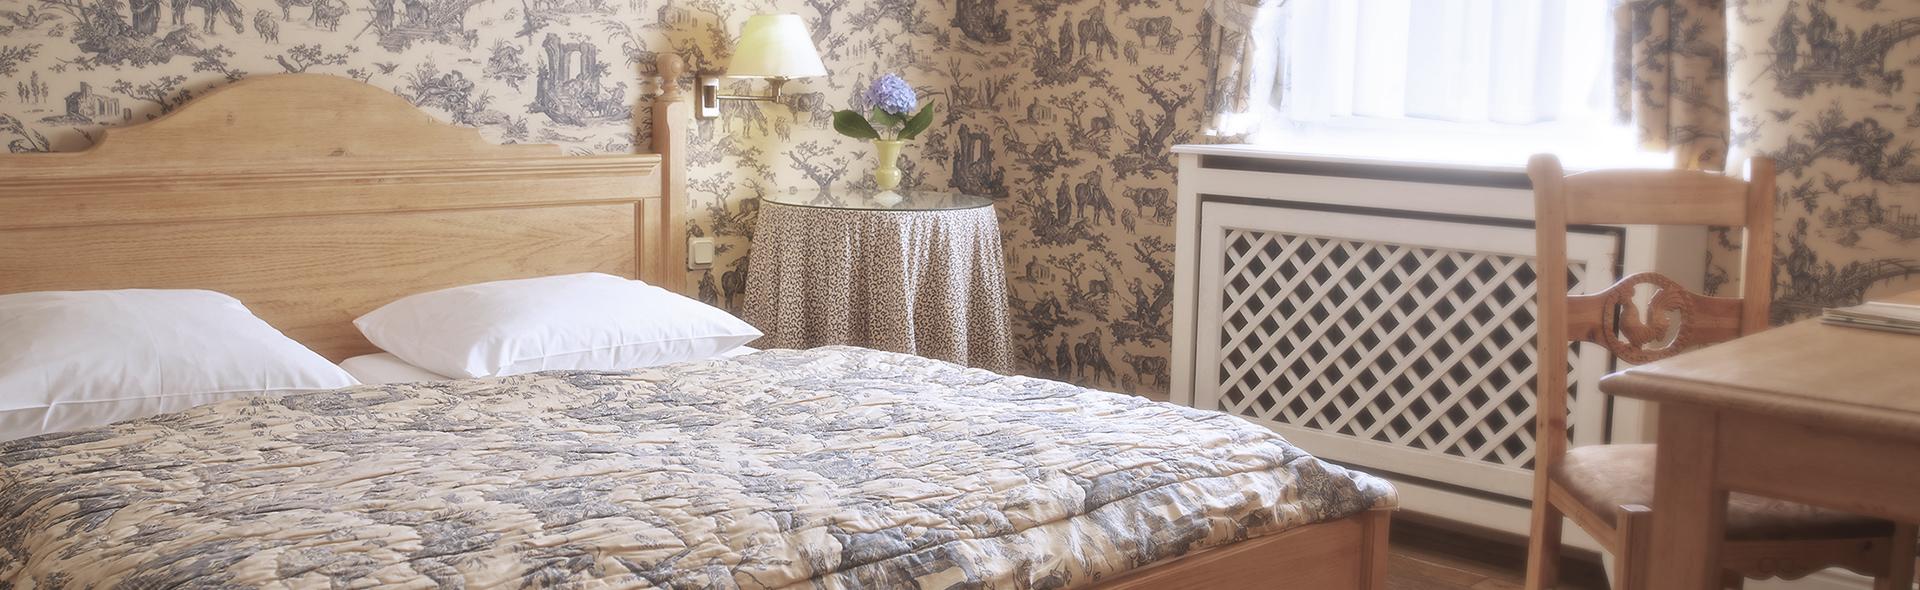 Ein Doppelbett steht in einem bunt tapezierten Raum